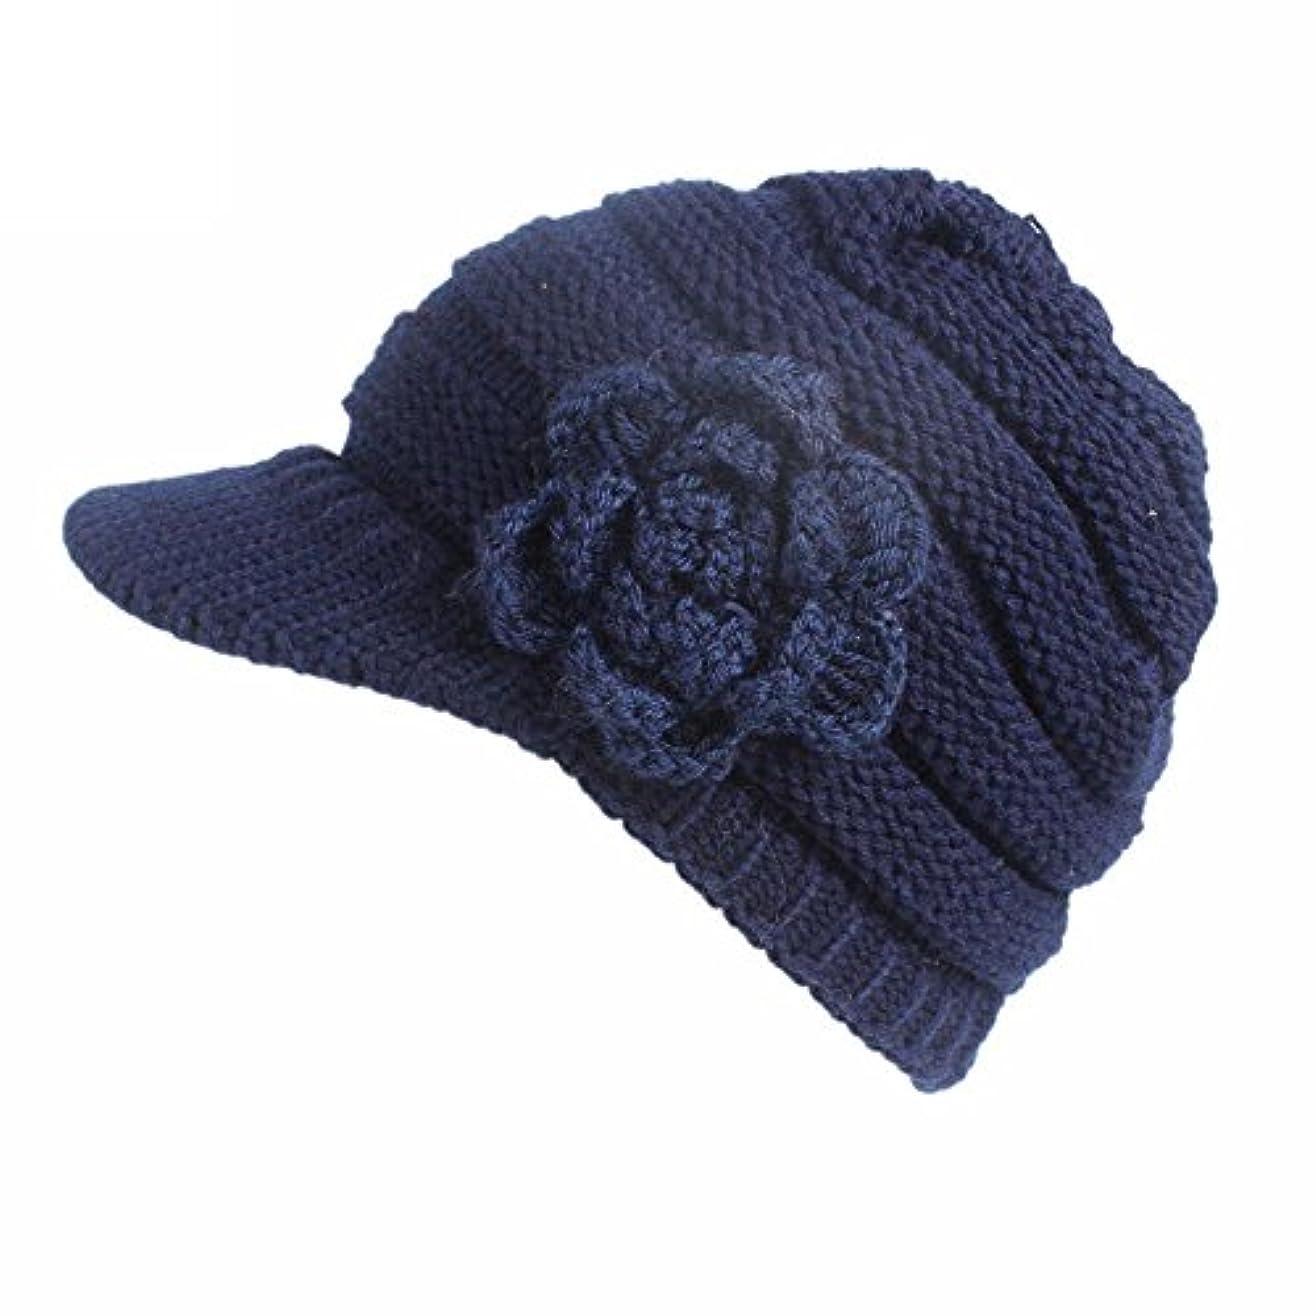 暗くする咲くだますRacazing 選べる5色 編み物 花 鸭舌帽 ニット帽 防寒対策 通気性のある 防風 暖かい 軽量 屋外 スキー 自転車 クリスマス Hat 女性用 (ネービー)